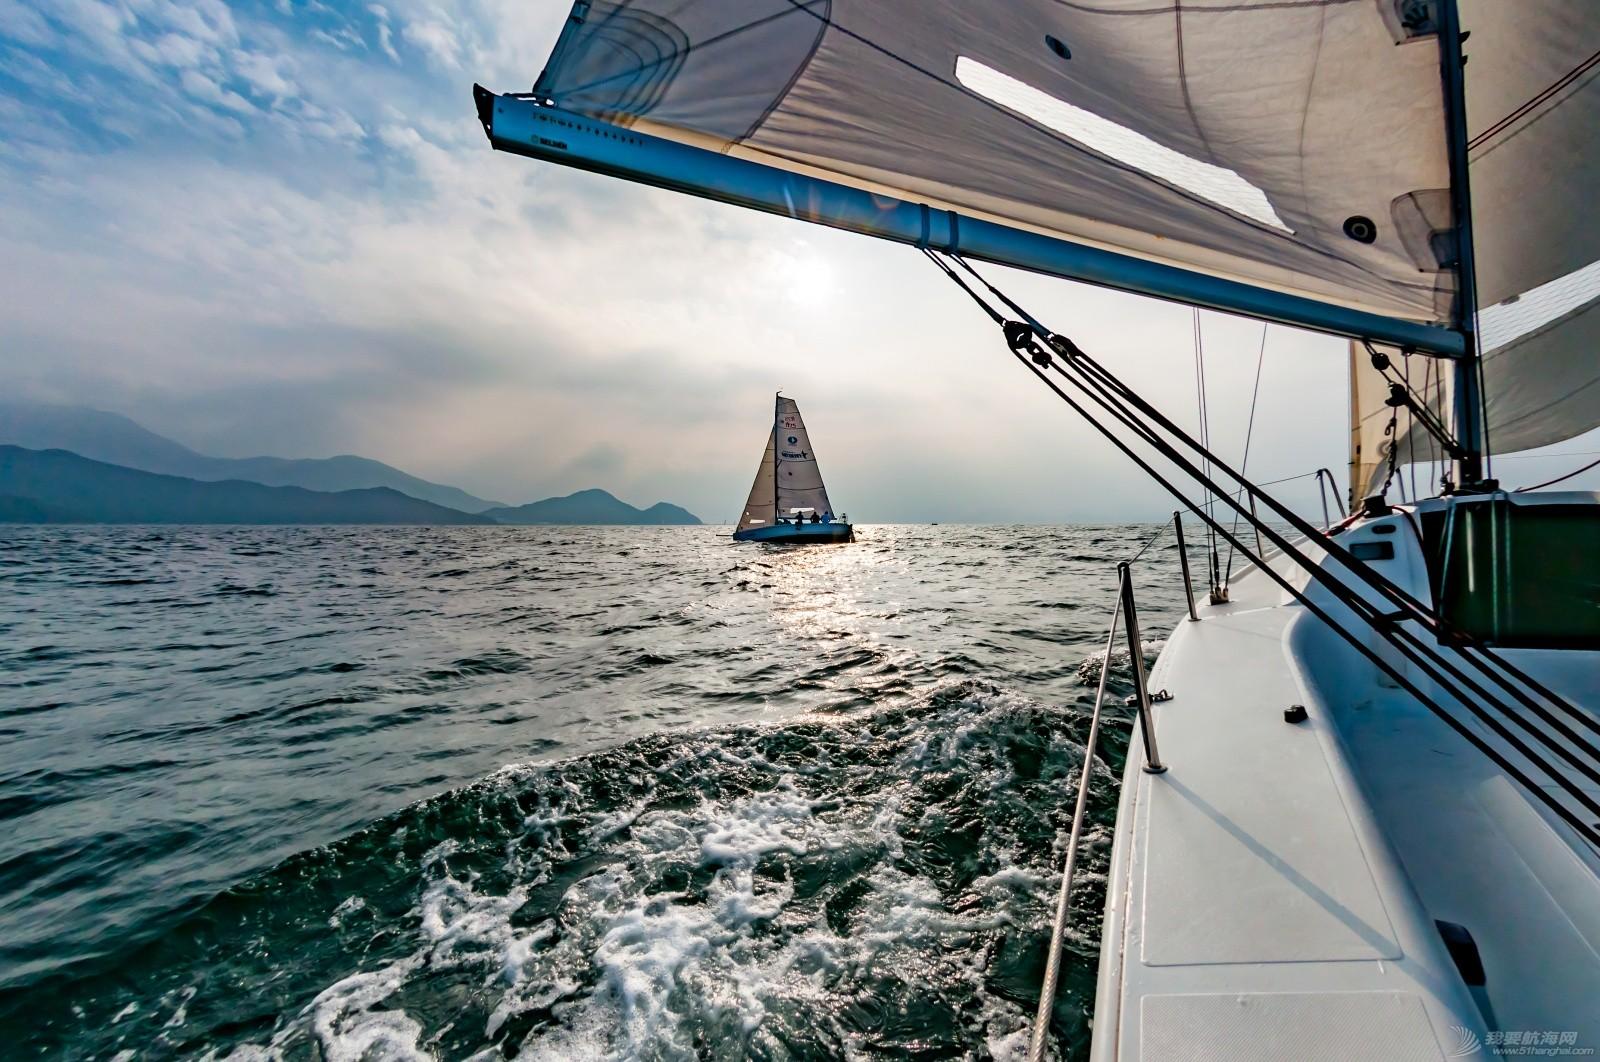 帆船 【2015大鹏杯帆船赛】鱼眼看航海 16019.jpg